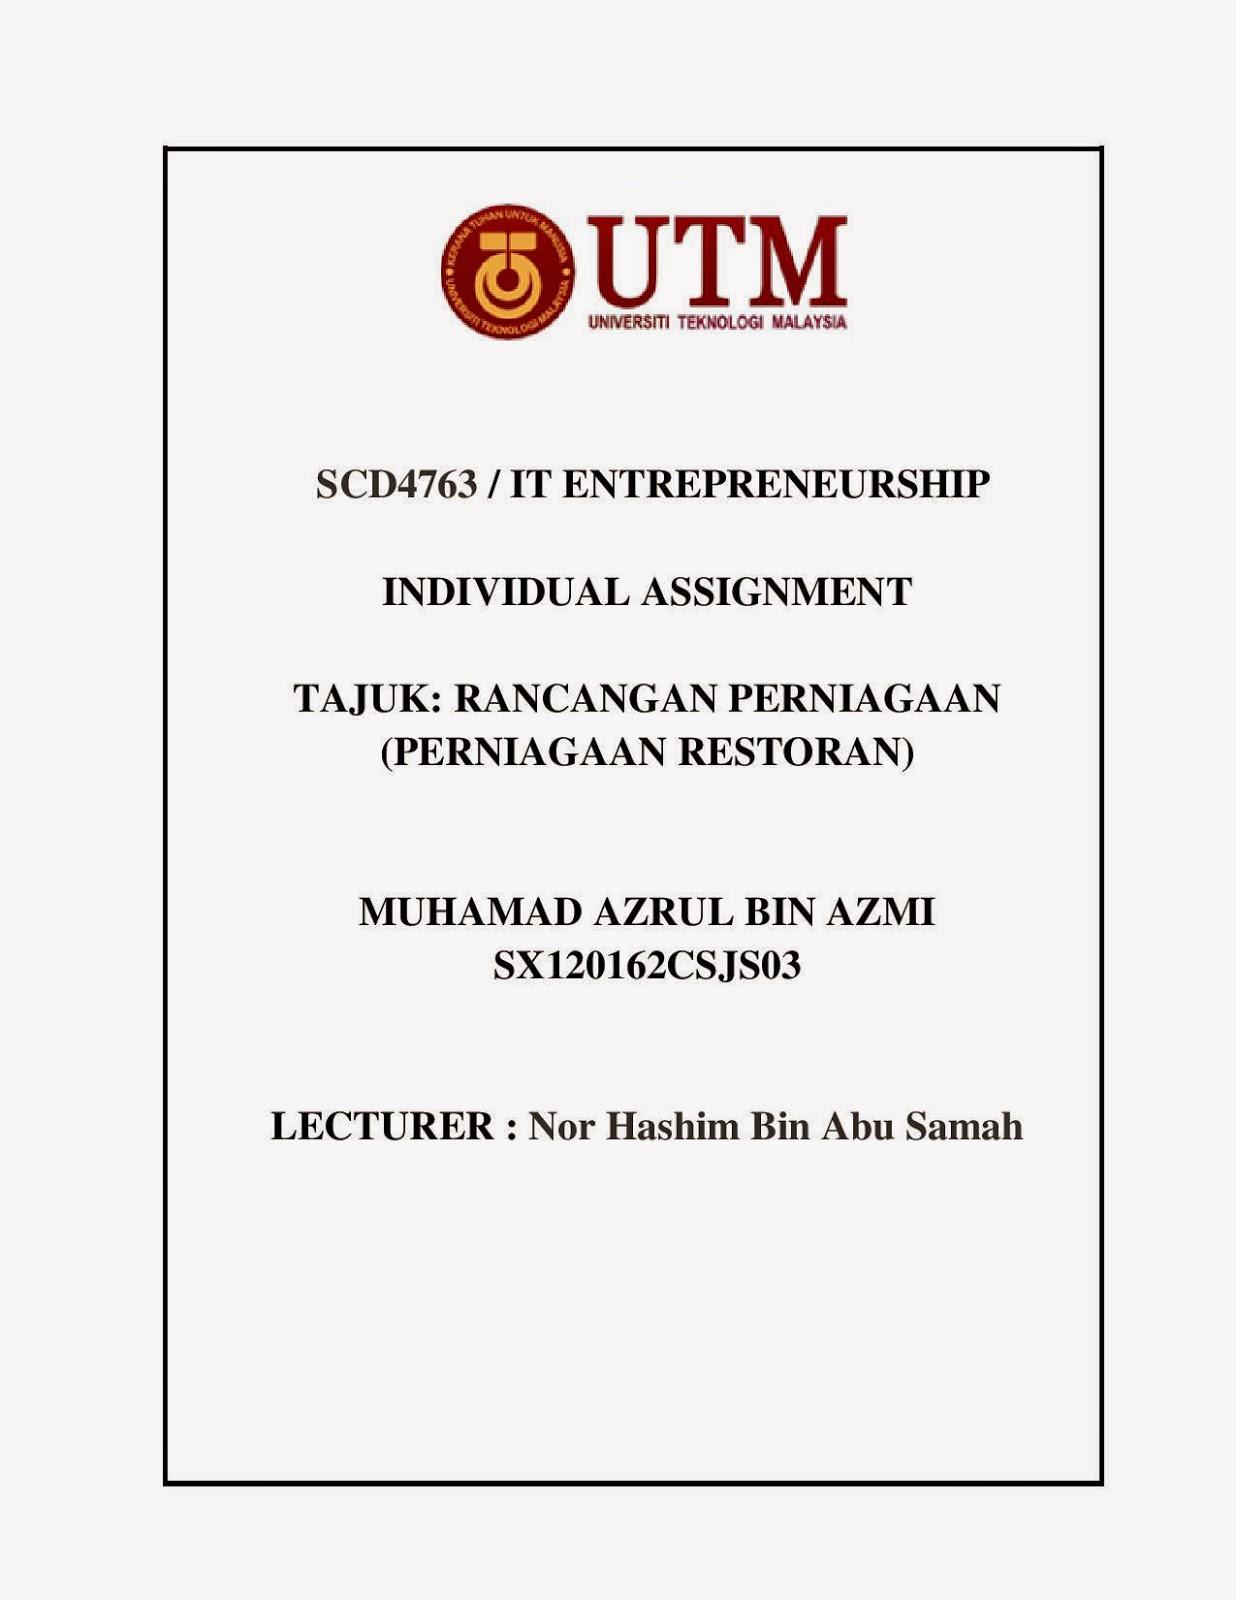 Hi Tech Sat Tv Contoh Rancangan Perniagaan Perniagaan Restoran Oleh Muhammad Azrul Bin Azmi Sx120162csjs03